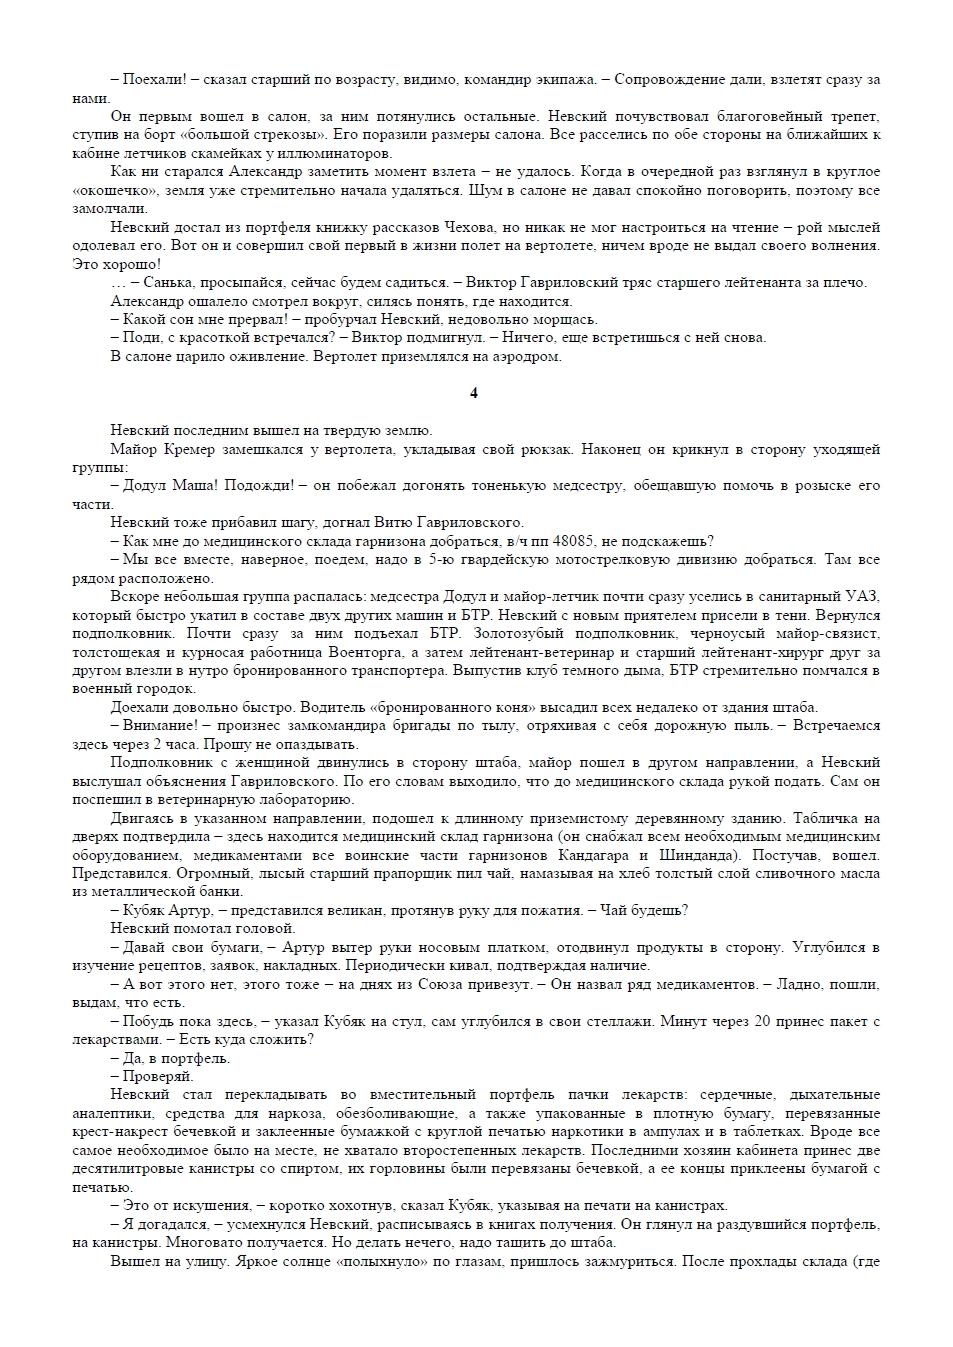 http://images.vfl.ru/ii/1405951497/5e00d50d/5767187.jpg